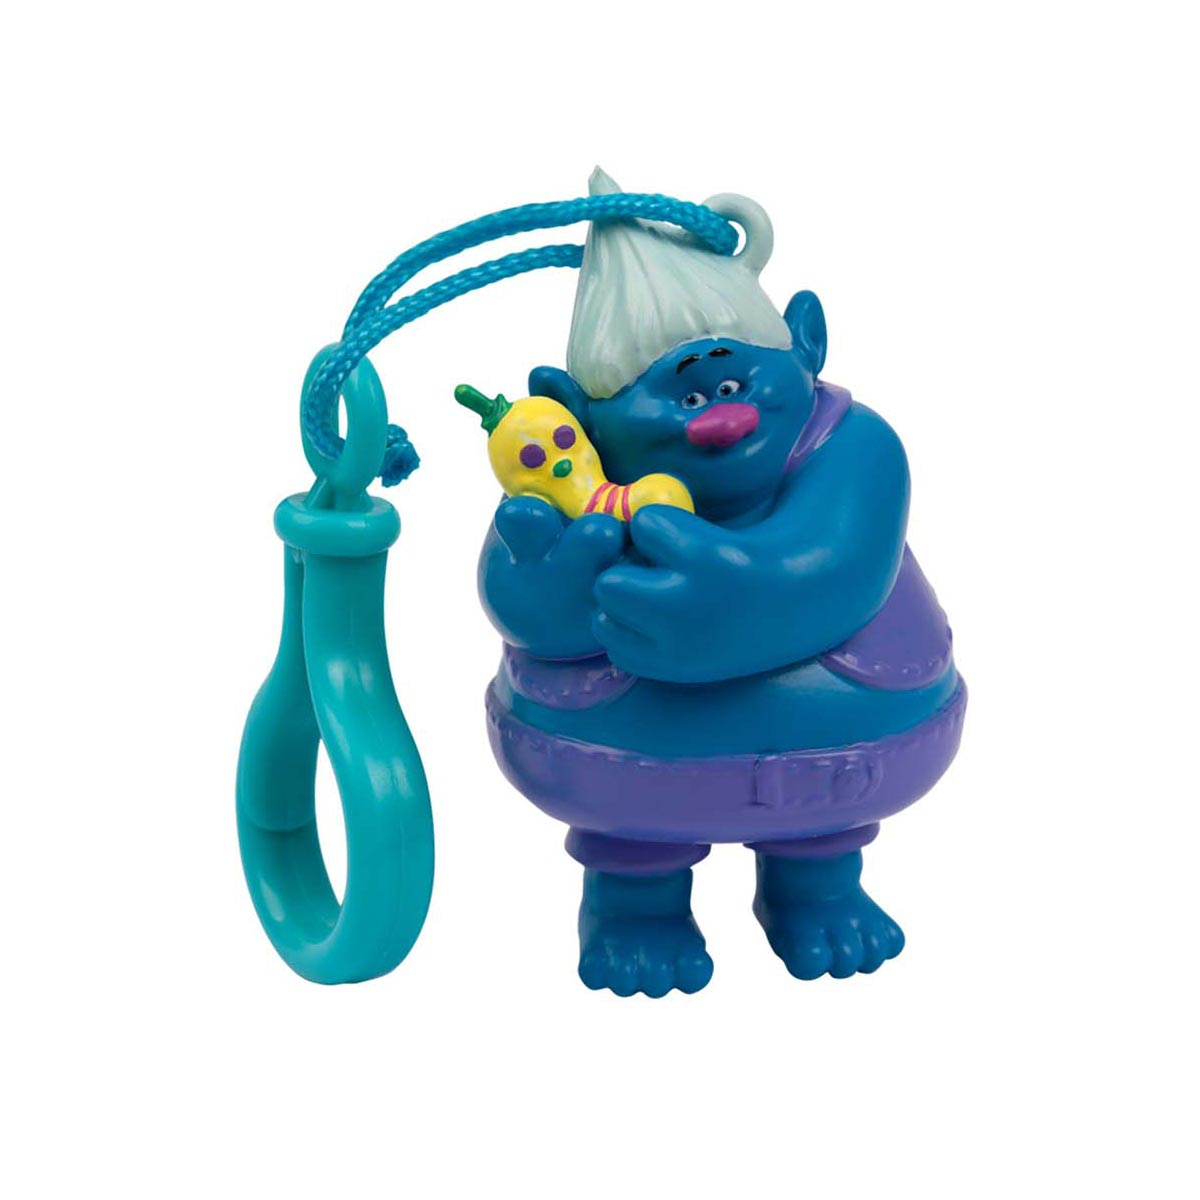 Игровые наборы и фигурки для детей Trolls Тролль фигурки героев мультфильмов trolls коллекционная фигурка trolls в закрытой упаковке 10 см в ассортименте